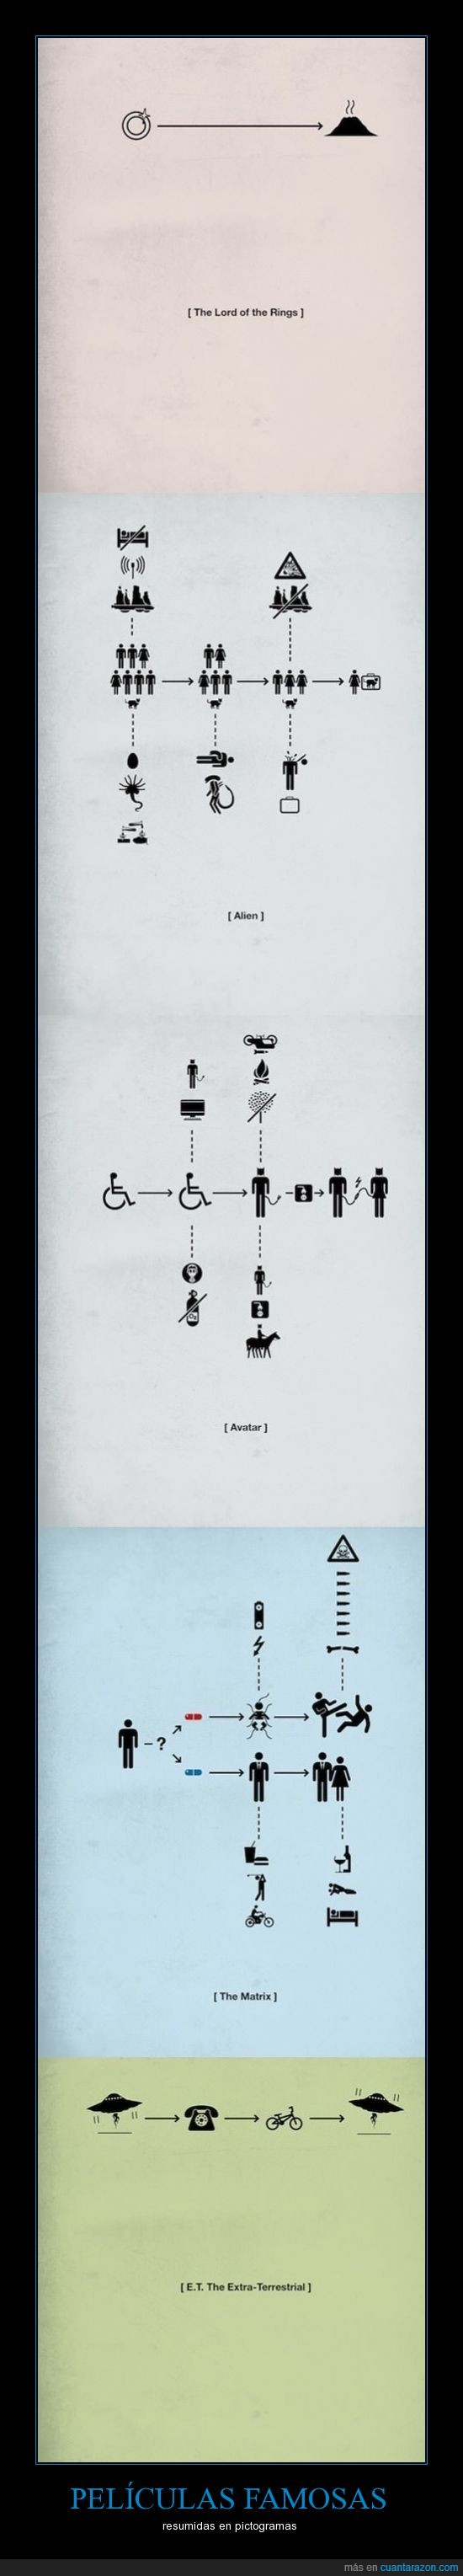 avatar,explicacion,matrix,pelicula,pictograma,resumen,señor de los anillos,simbolo